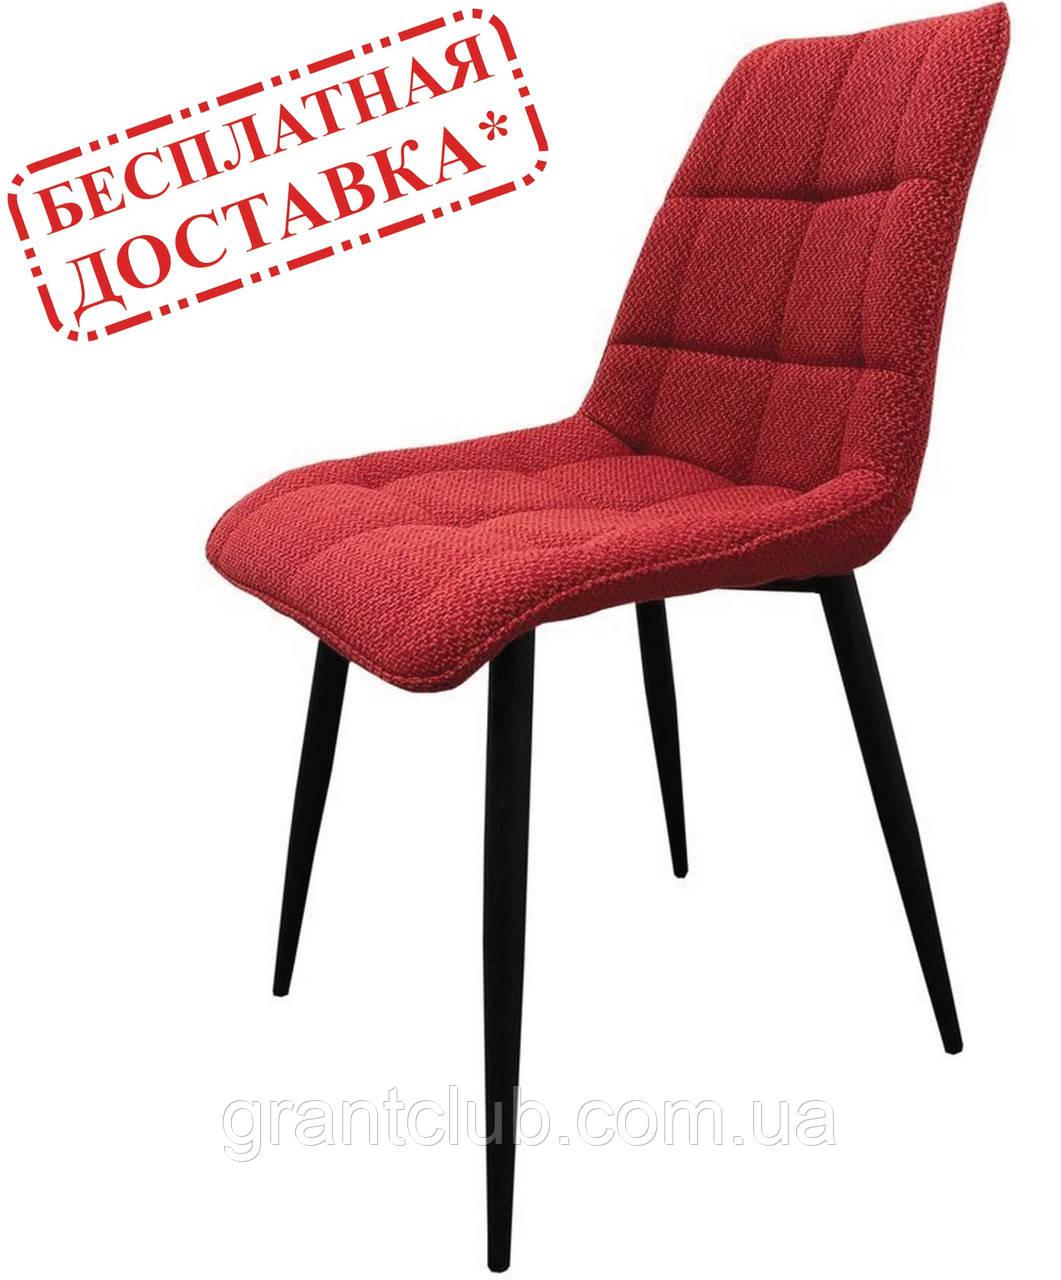 Обеденный стул GLEN красный ткань (бесплатная доставка)